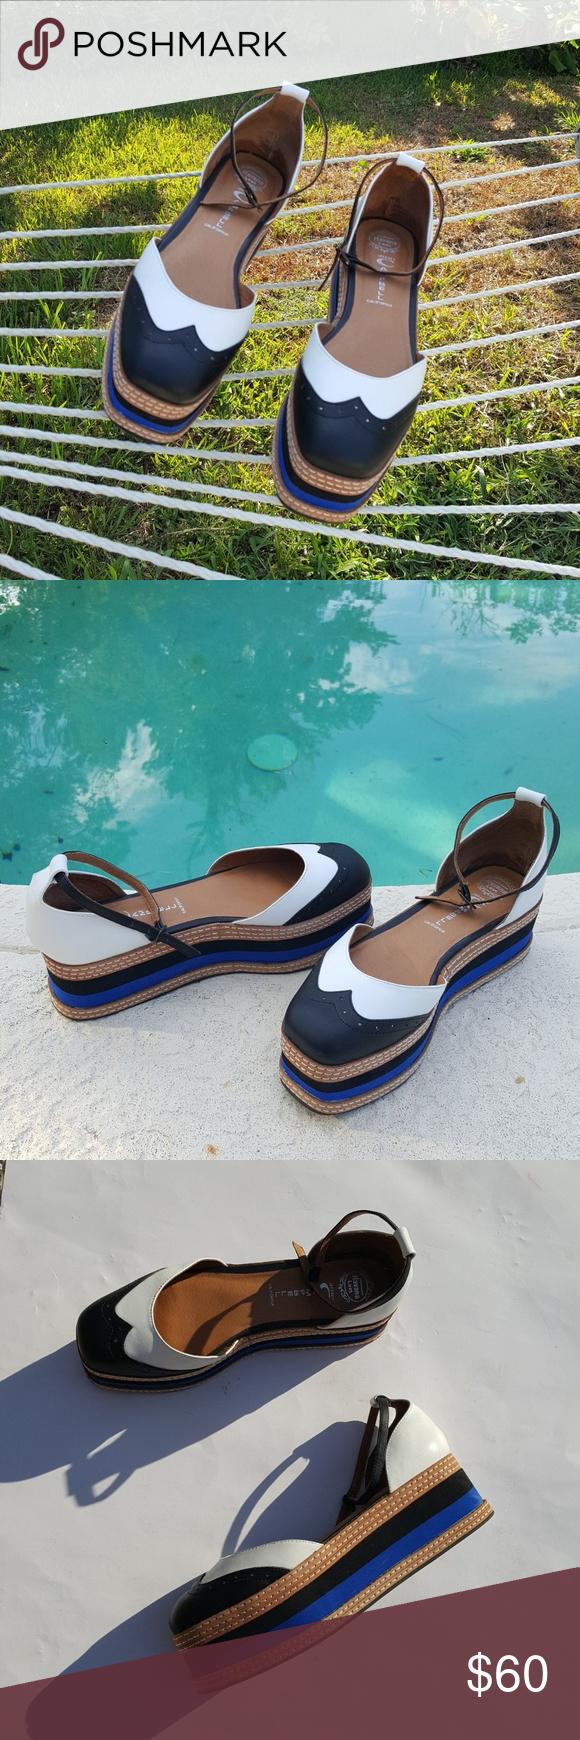 77b5c371966 Jeffrey Campbell Platforms amazing platform sandal jeffrey campbell shoes.  size 10M. Fits true.